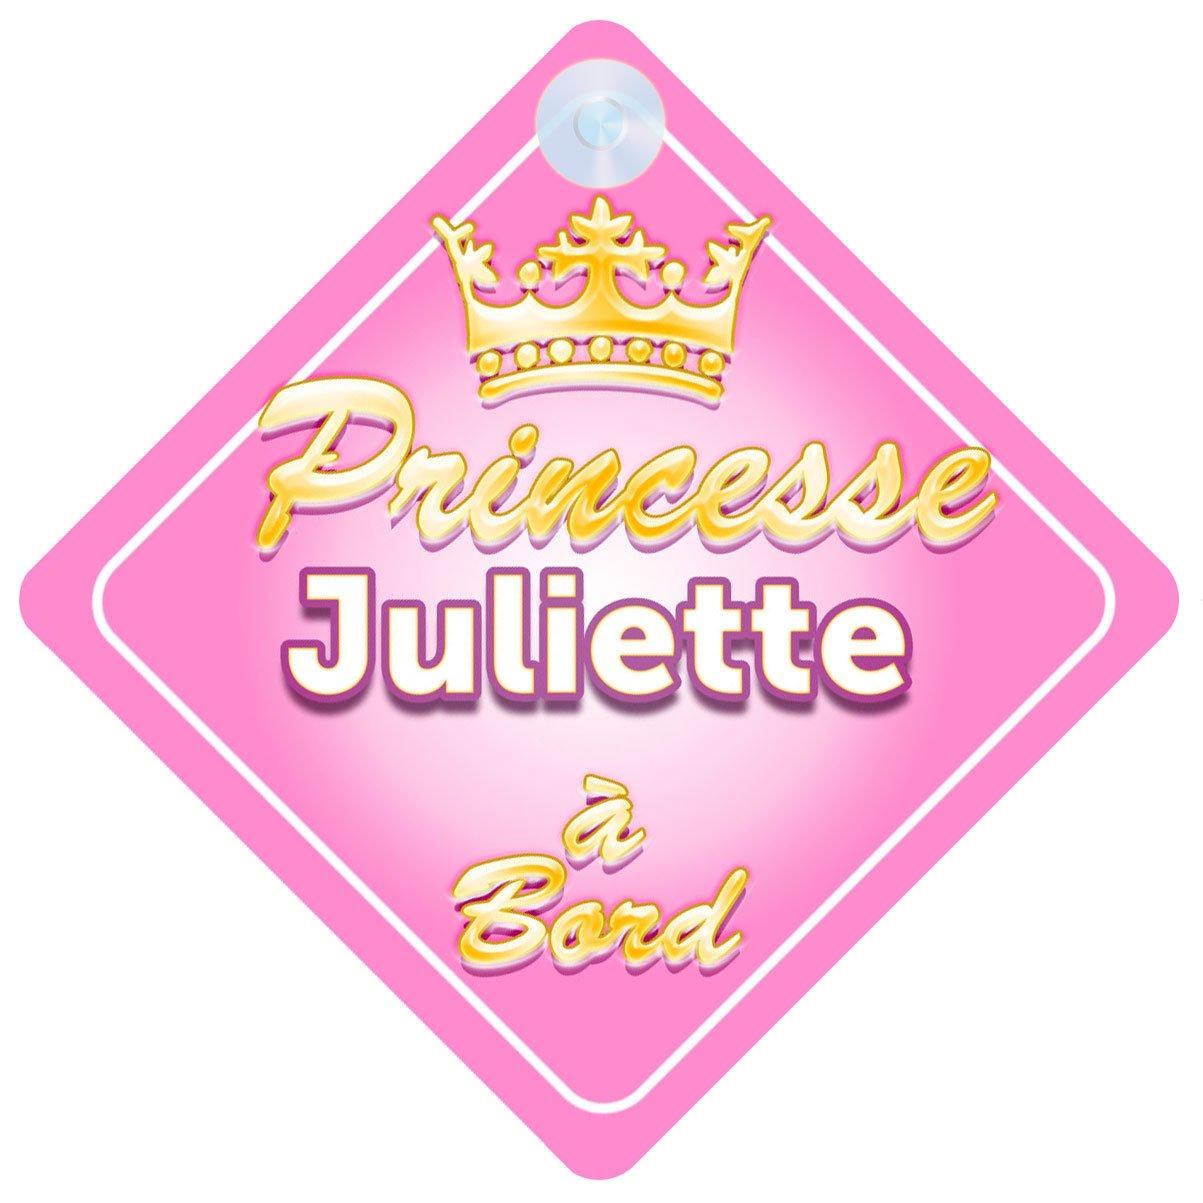 Couronne Princesse Juliette Signe Pour Voiture Enfant/Bébé à Bord Quality Goods Ltd